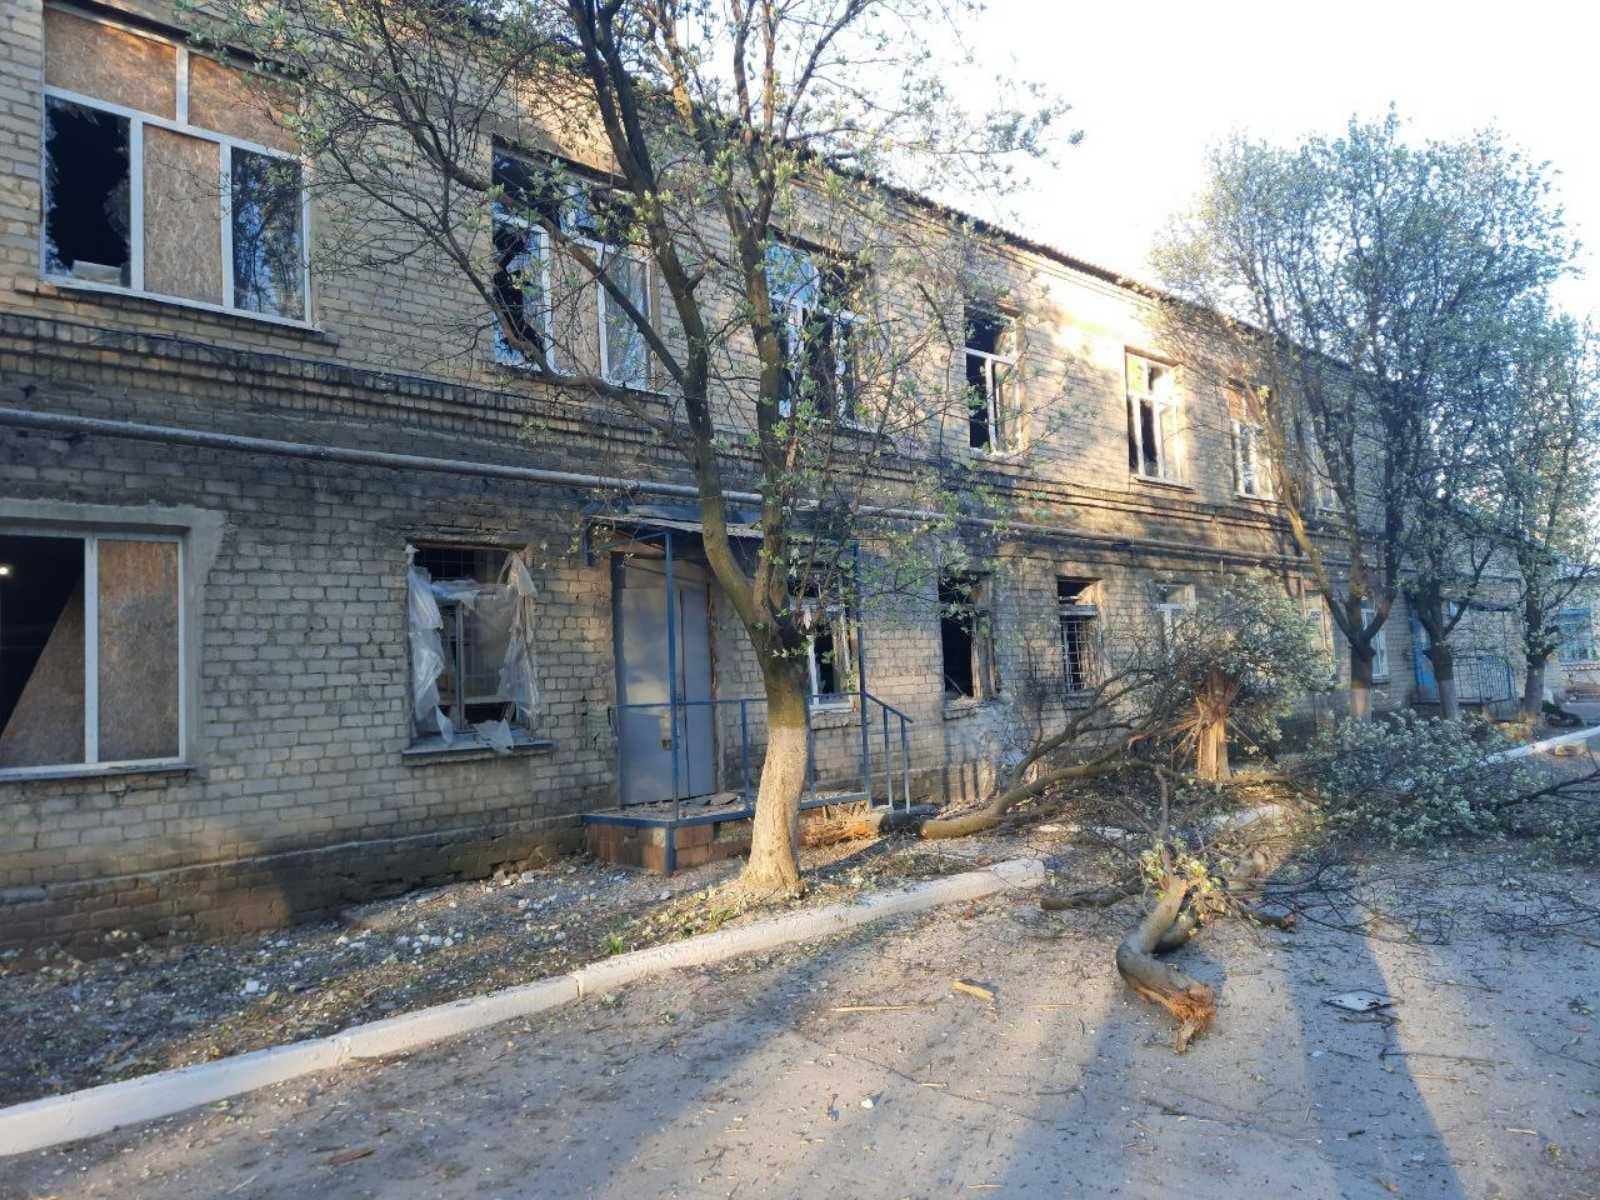 Обострение на Донбассе: оккупанты открыли огонь по ковидной больнице (ФОТО) - фото 3